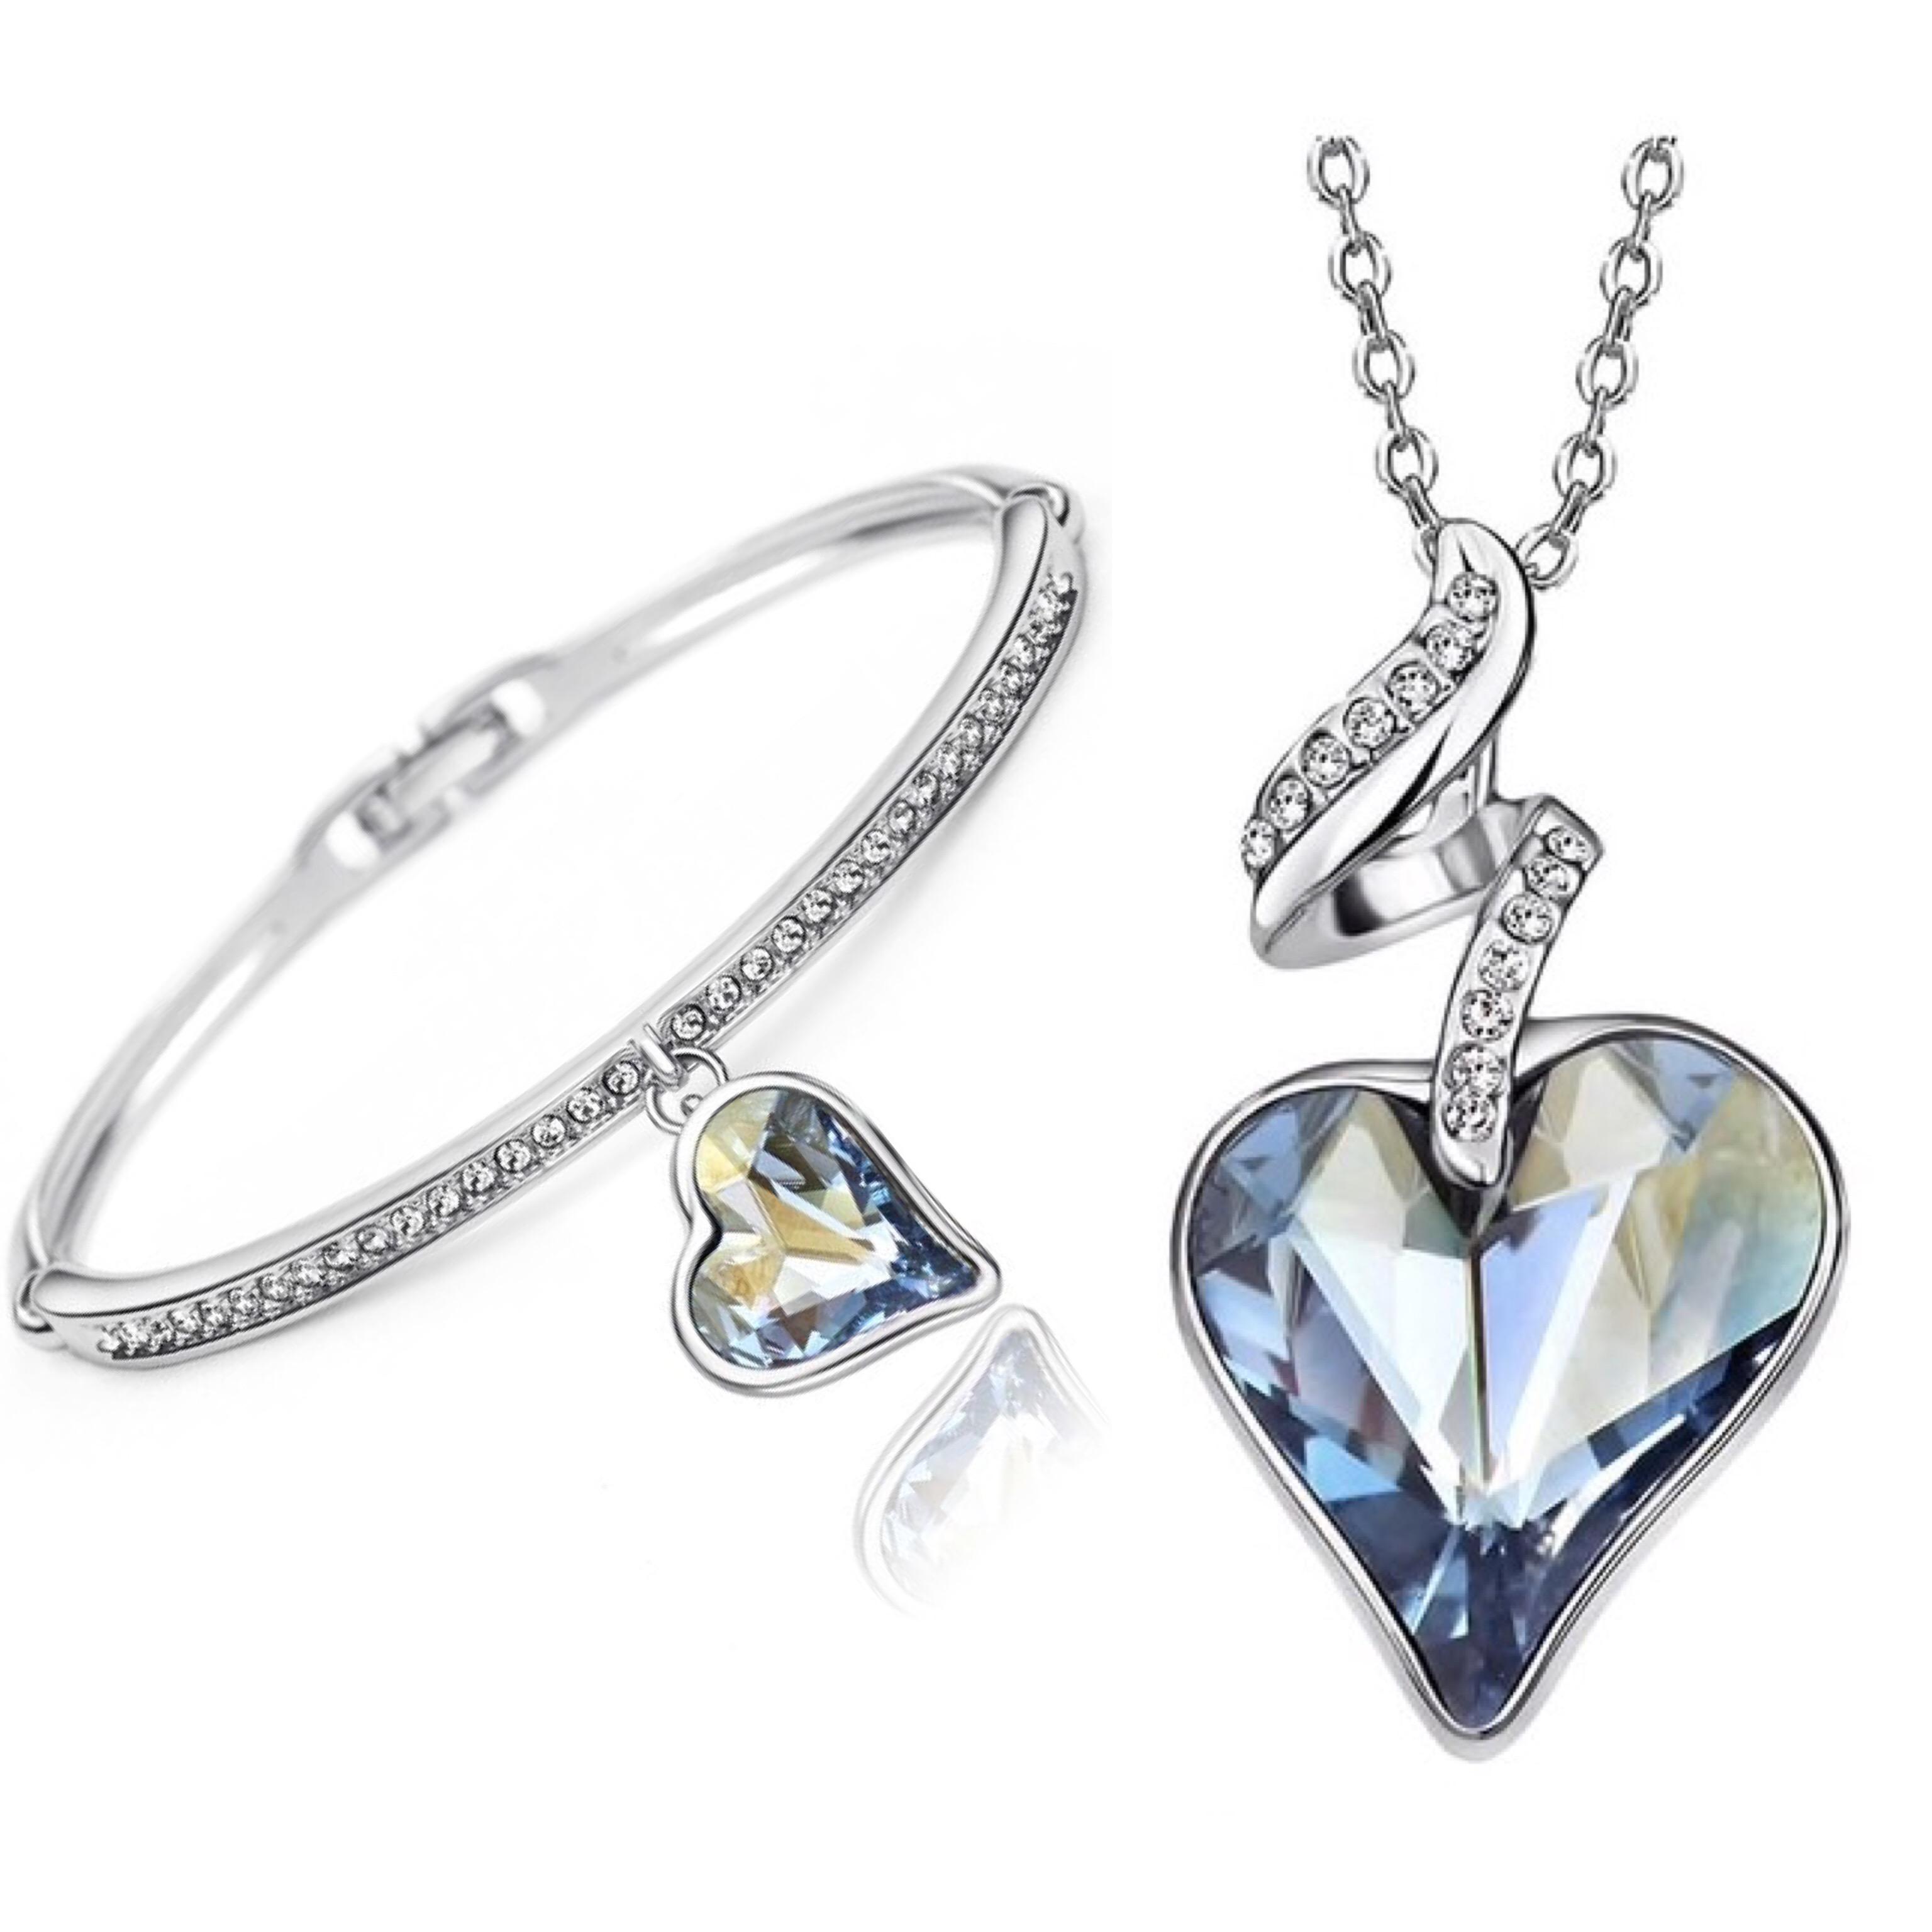 Set náhrdelník a náramok Srdce Swarovski elements modrá  d71c6315805